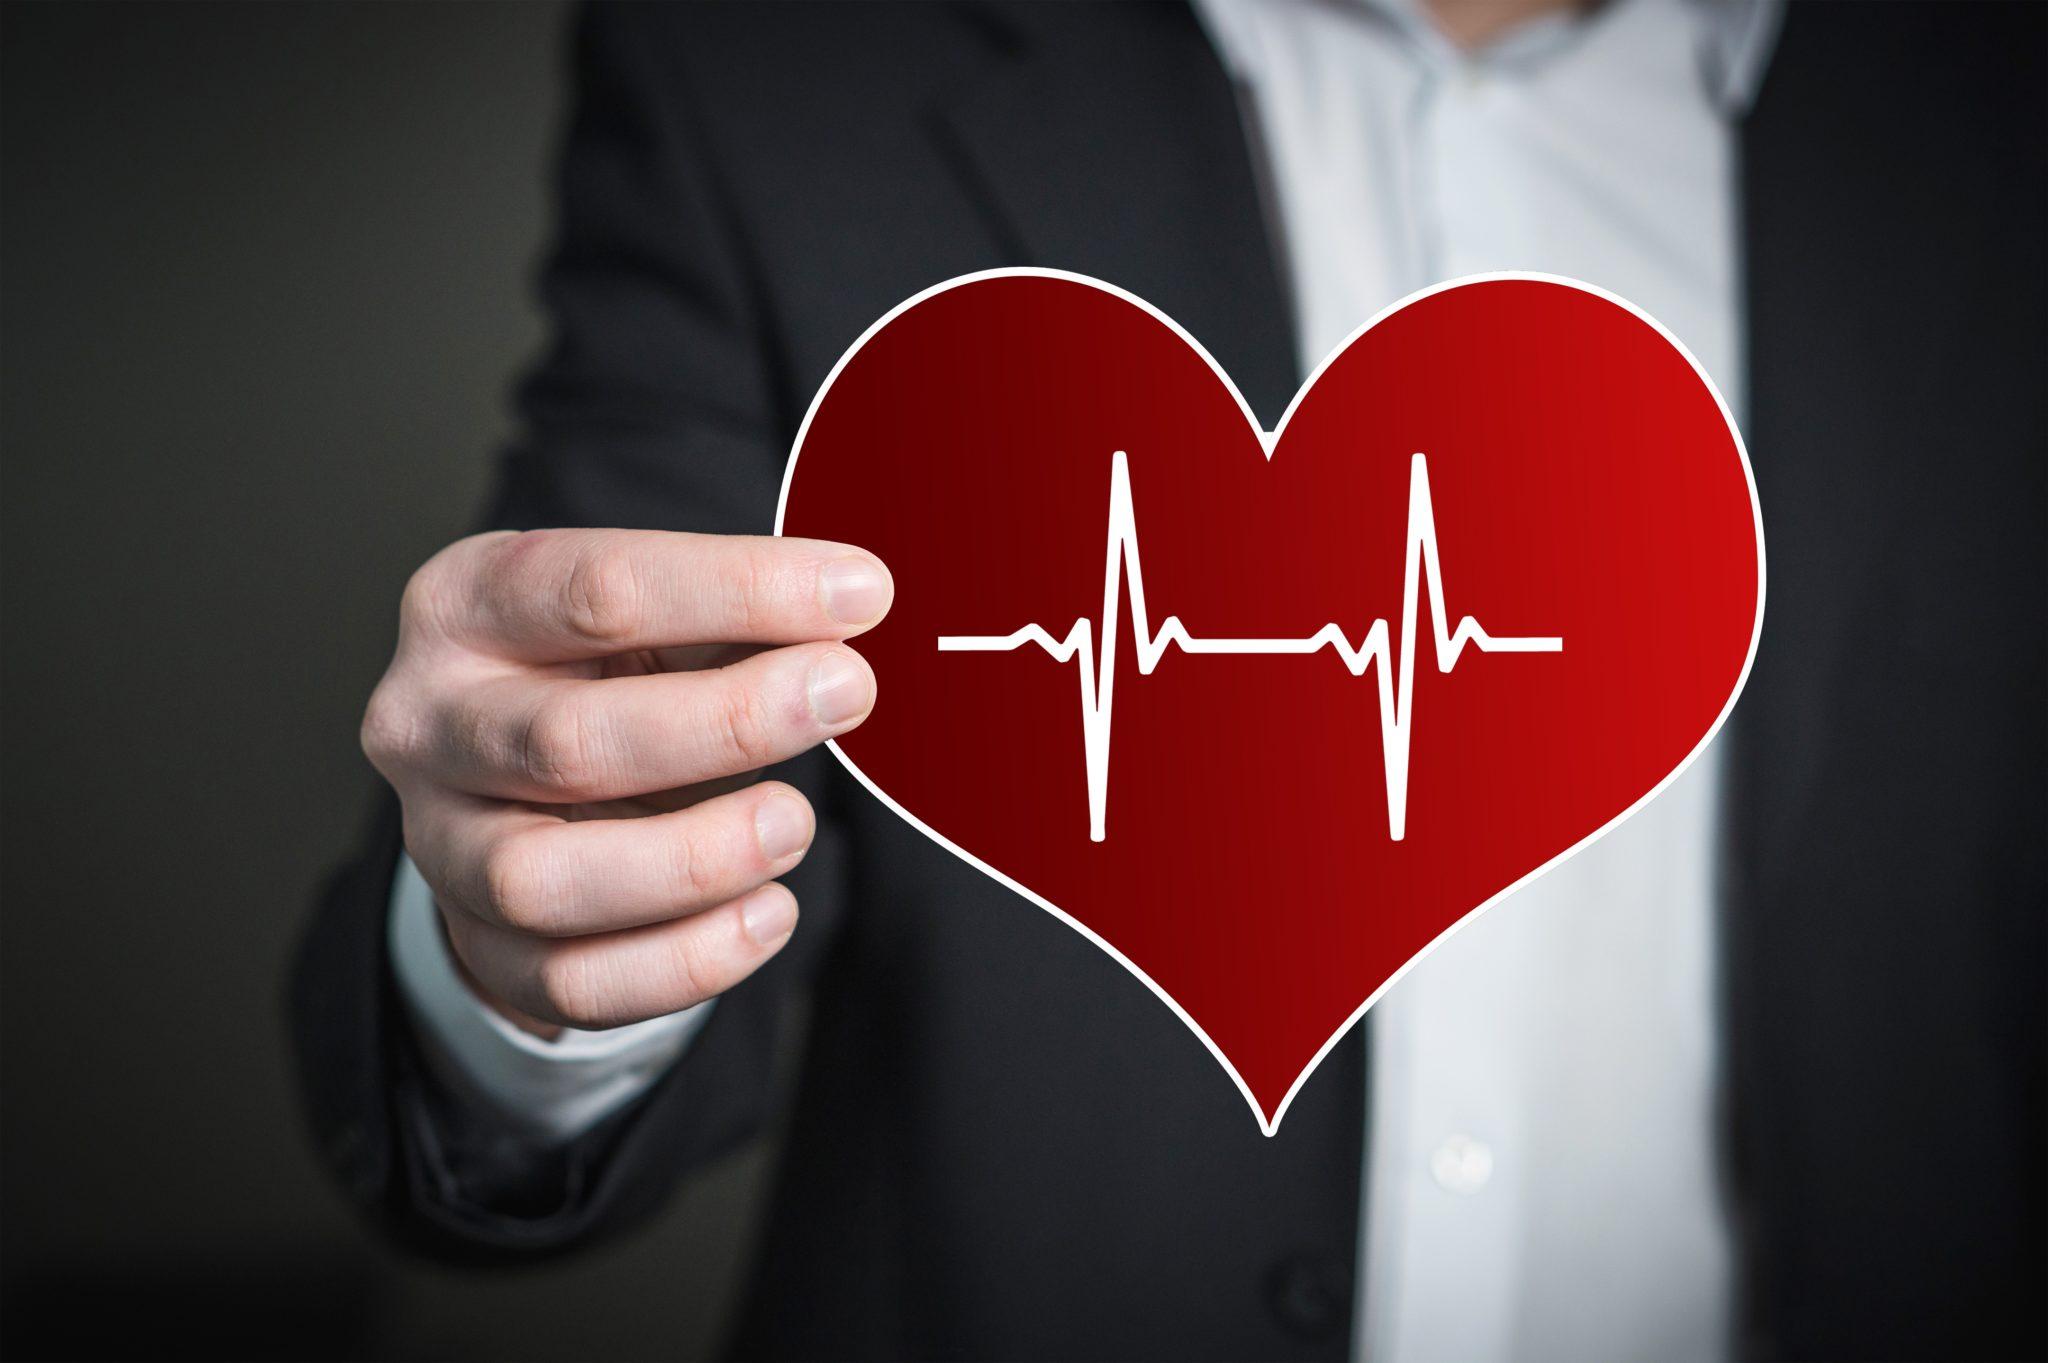 Rheumatic heart diseases